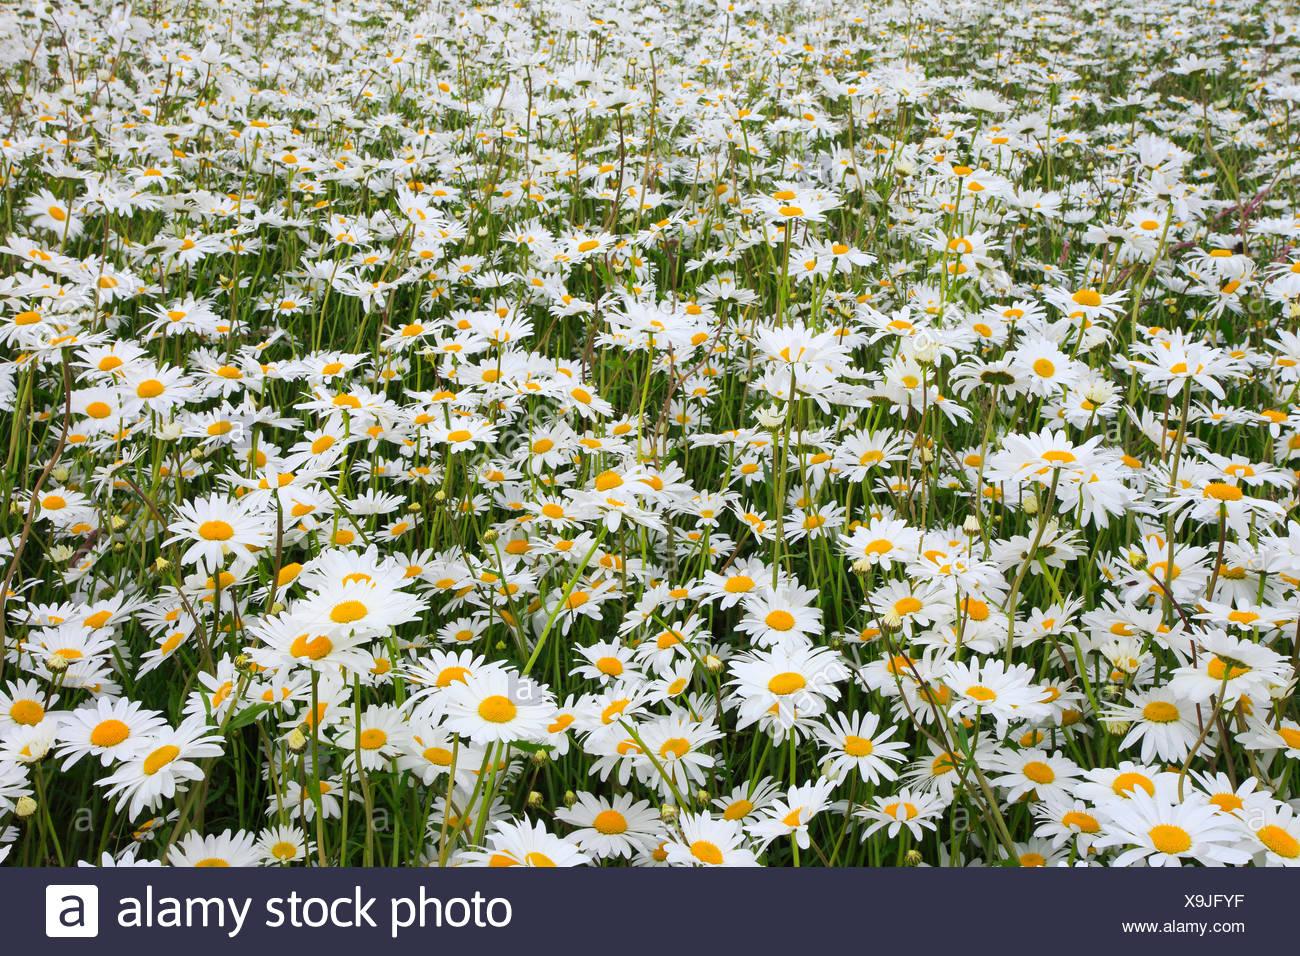 Carpets Of White Stockfotos & Carpets Of White Bilder - Seite 4 - Alamy